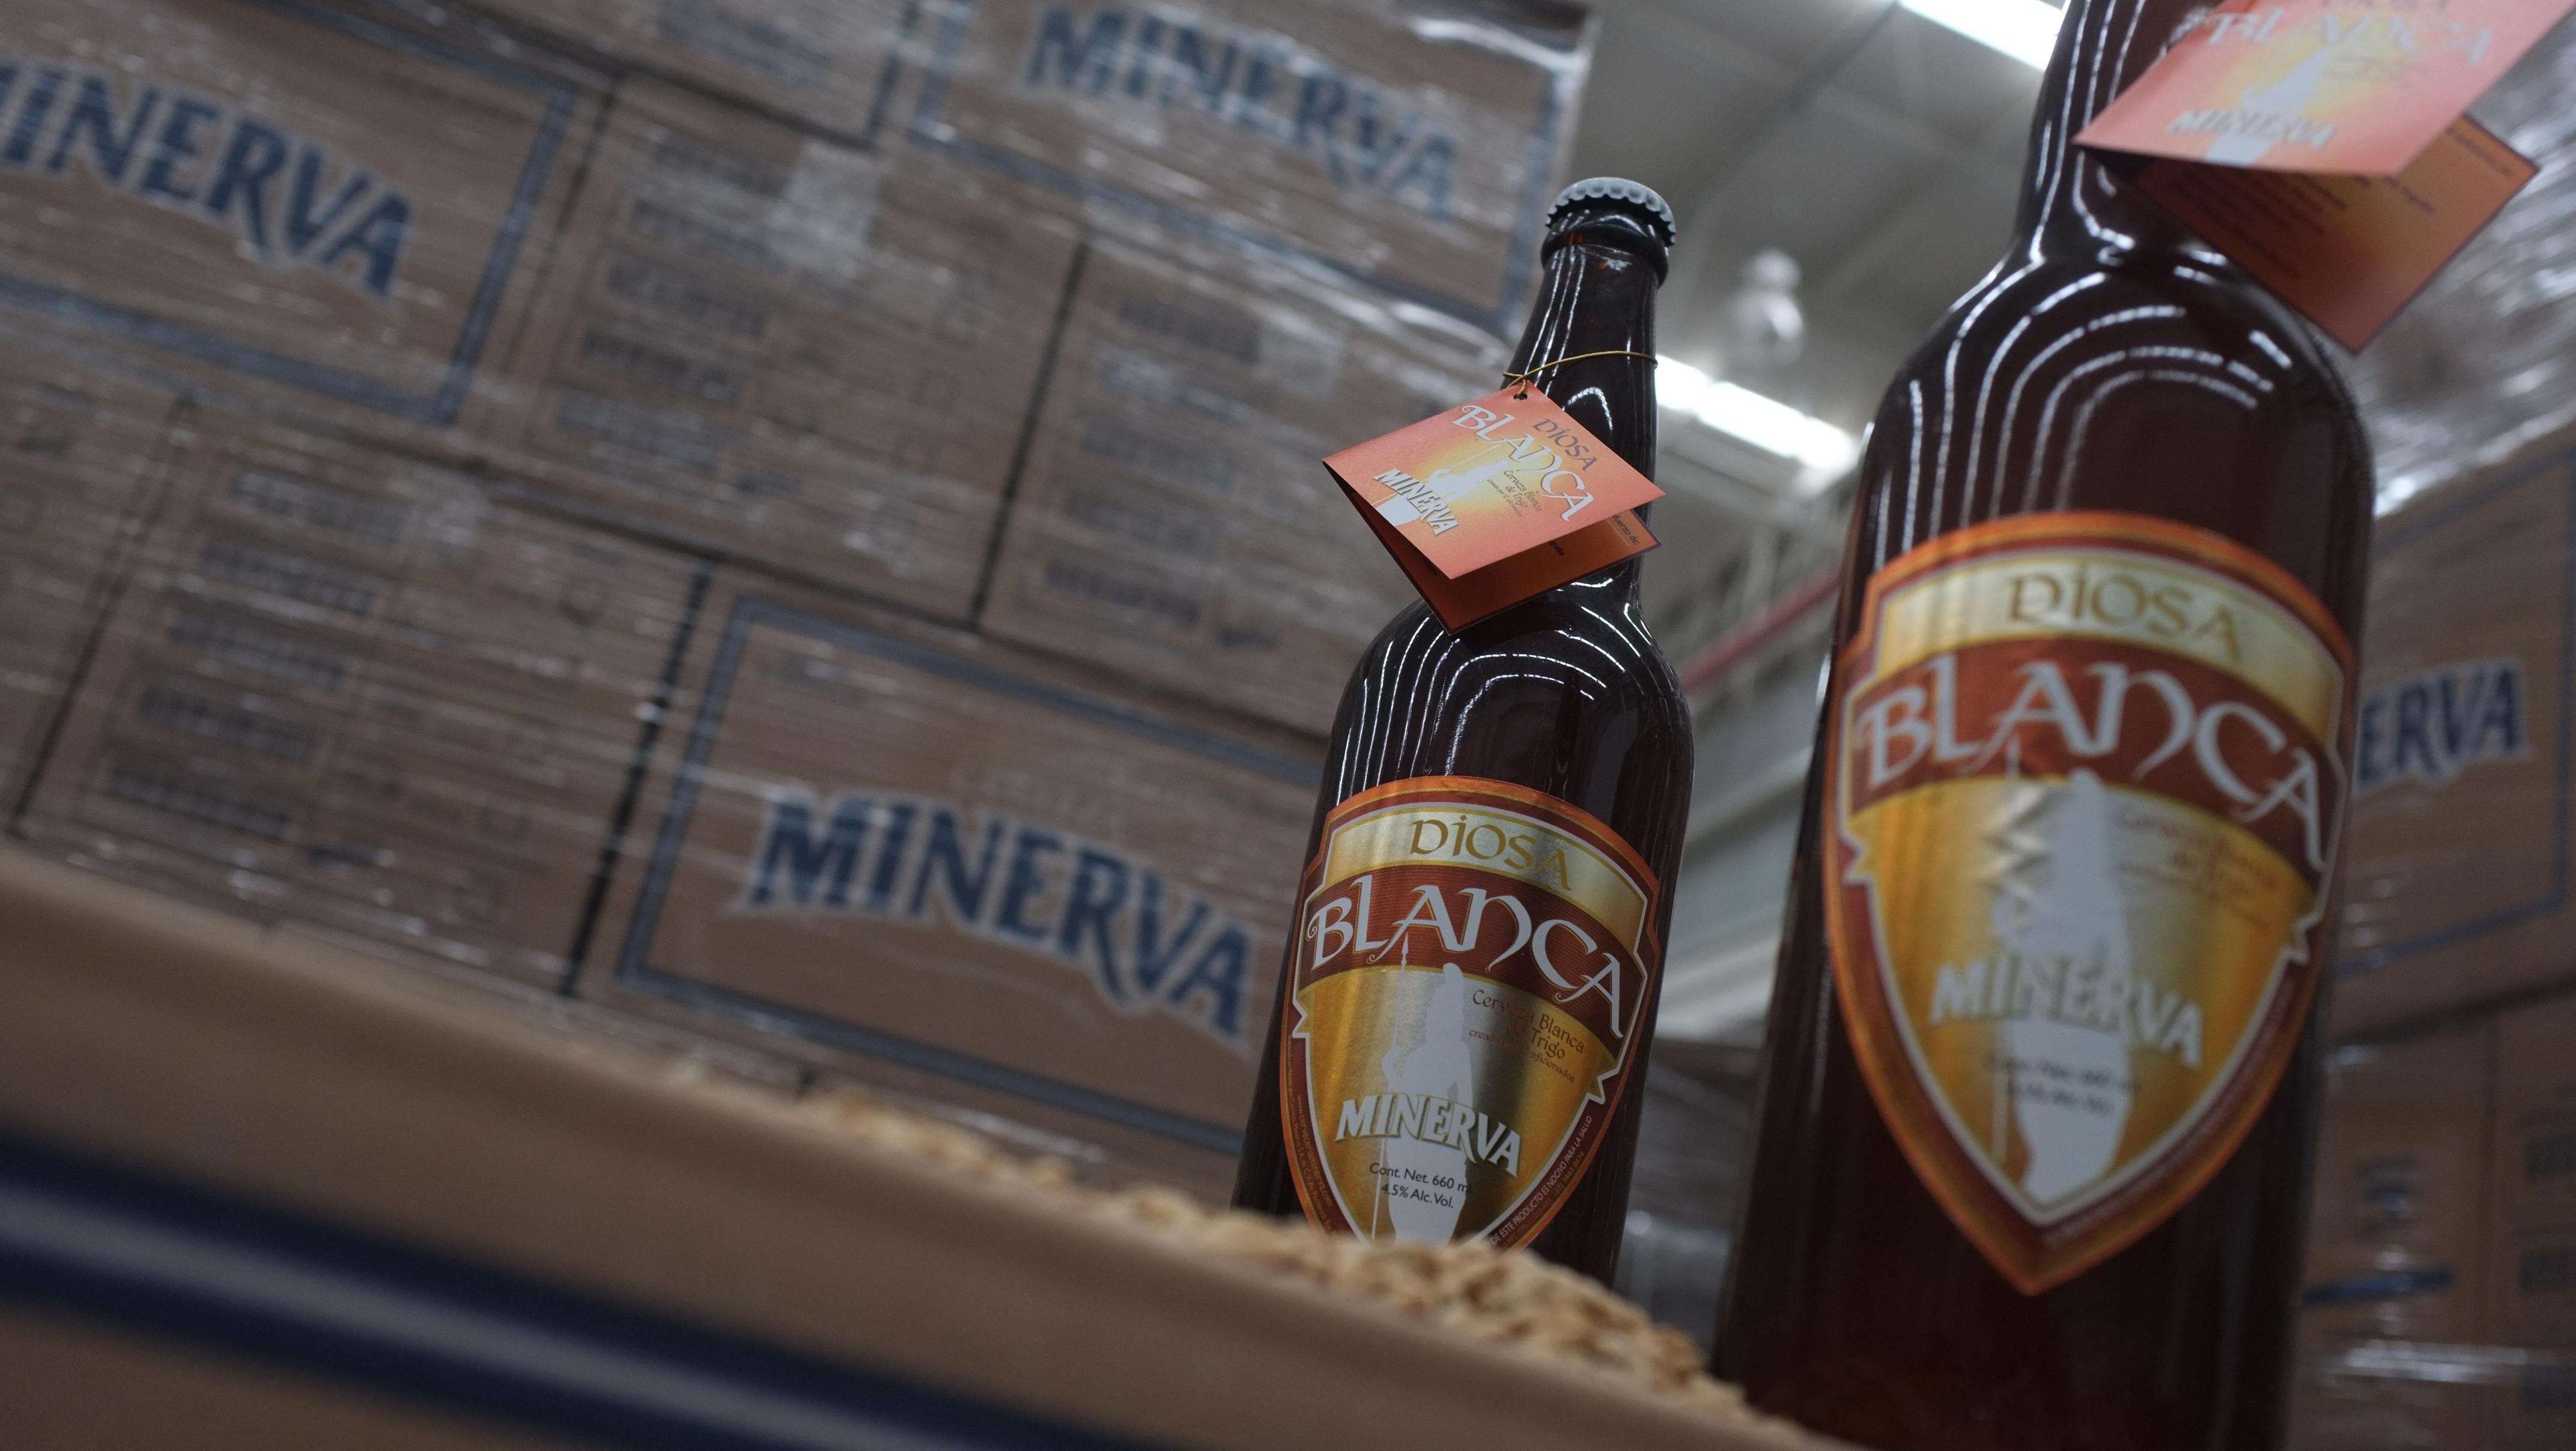 Cerveza de trigo mexicana minerva